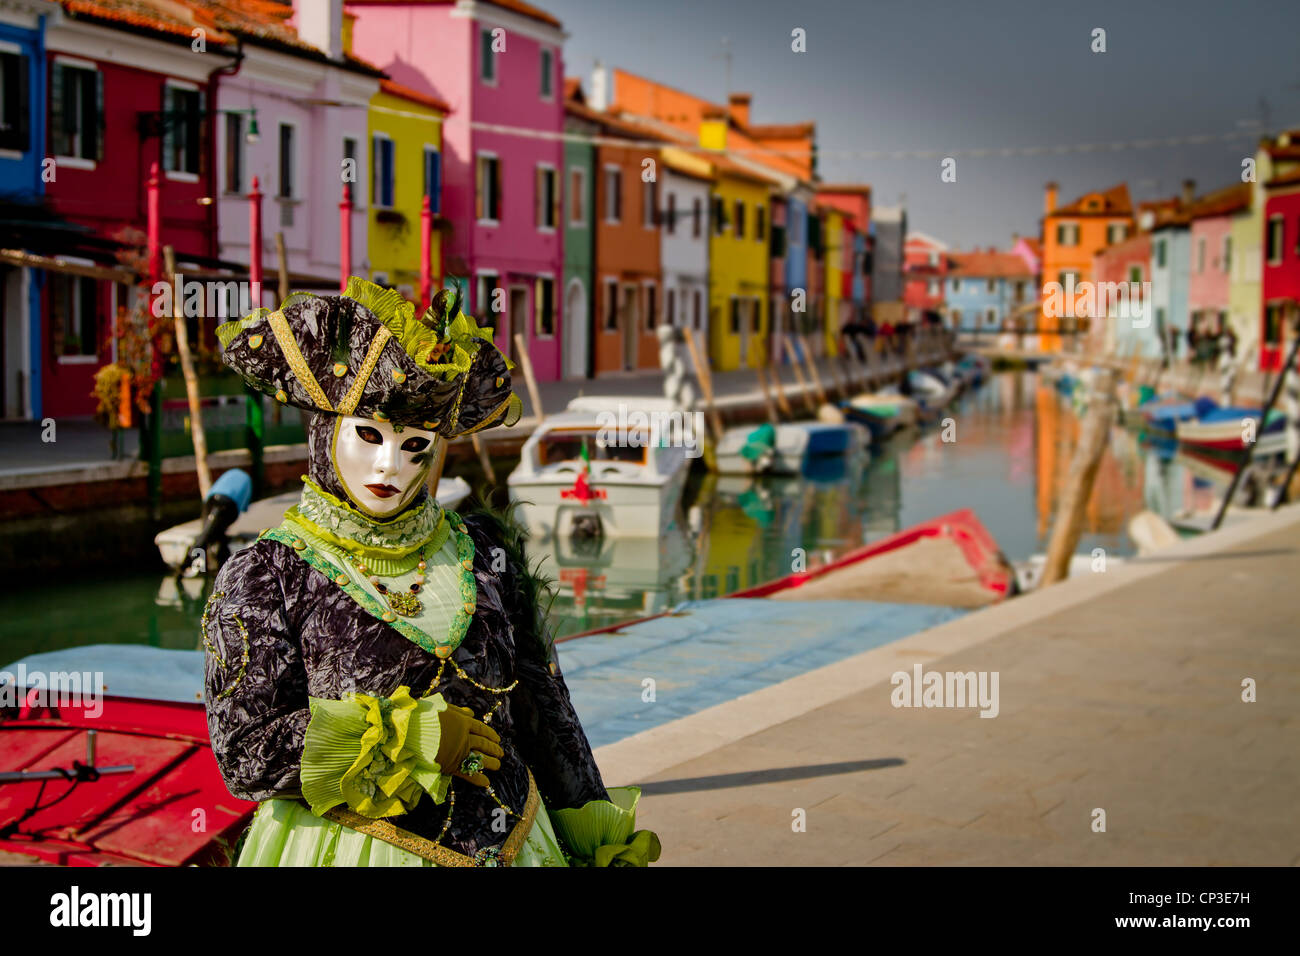 Les gens en masque déguisé dans carnaval. L'île de Burano. Venise, Italie. Photo Stock